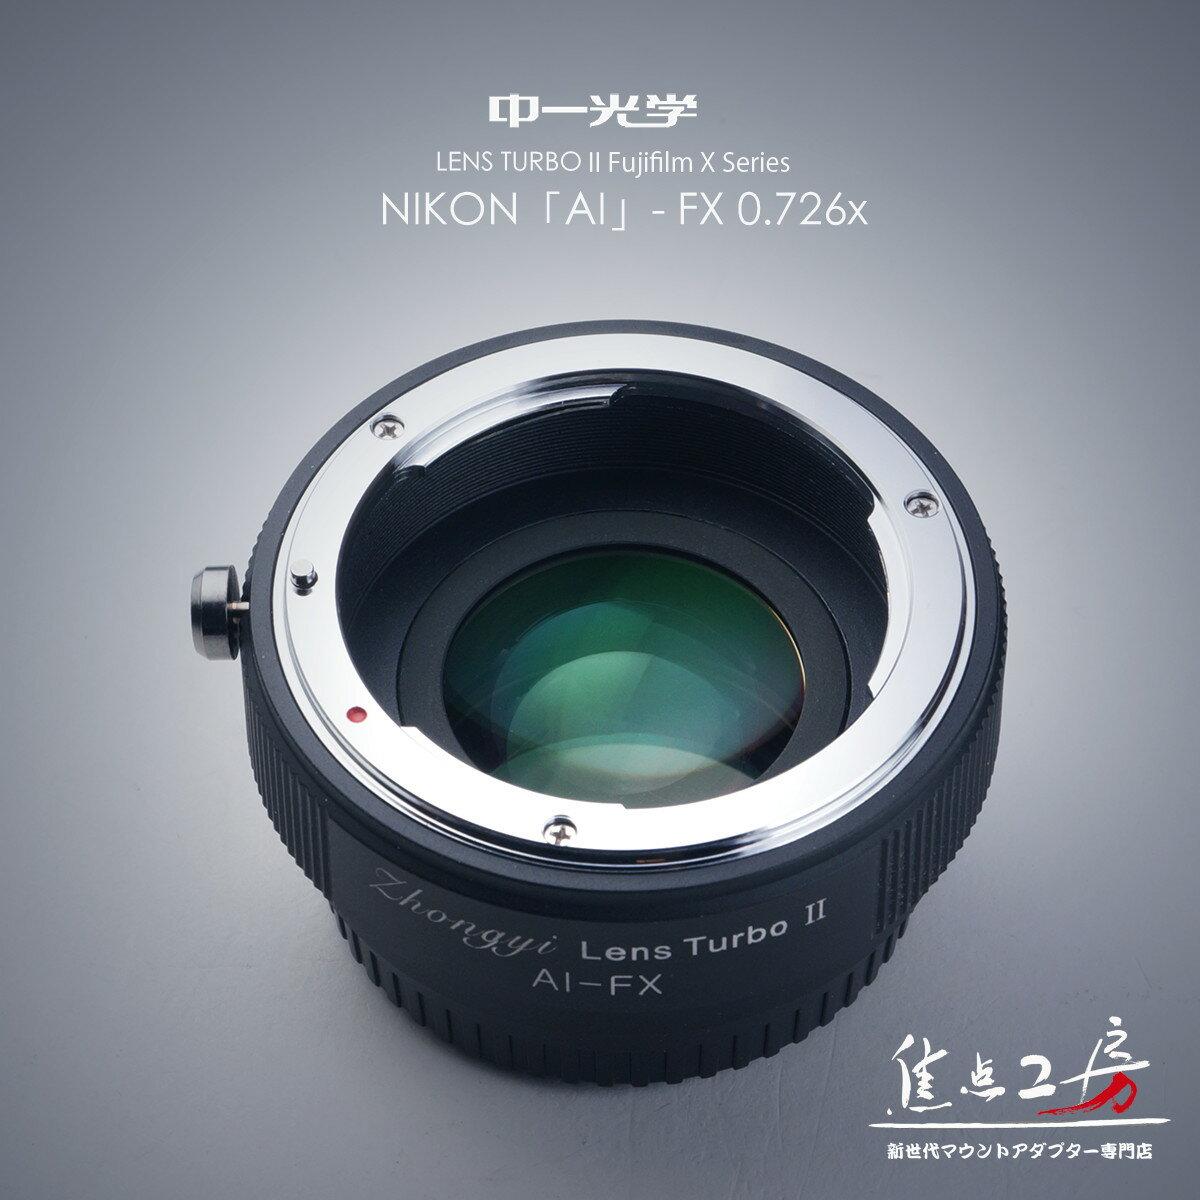 マウントアダプター 中一光学│ZHONG YI OPTICS Lens Turbo2 ニコンFマウントレンズ - 富士フィルムXマウント フォーカルレデューサーカメラ